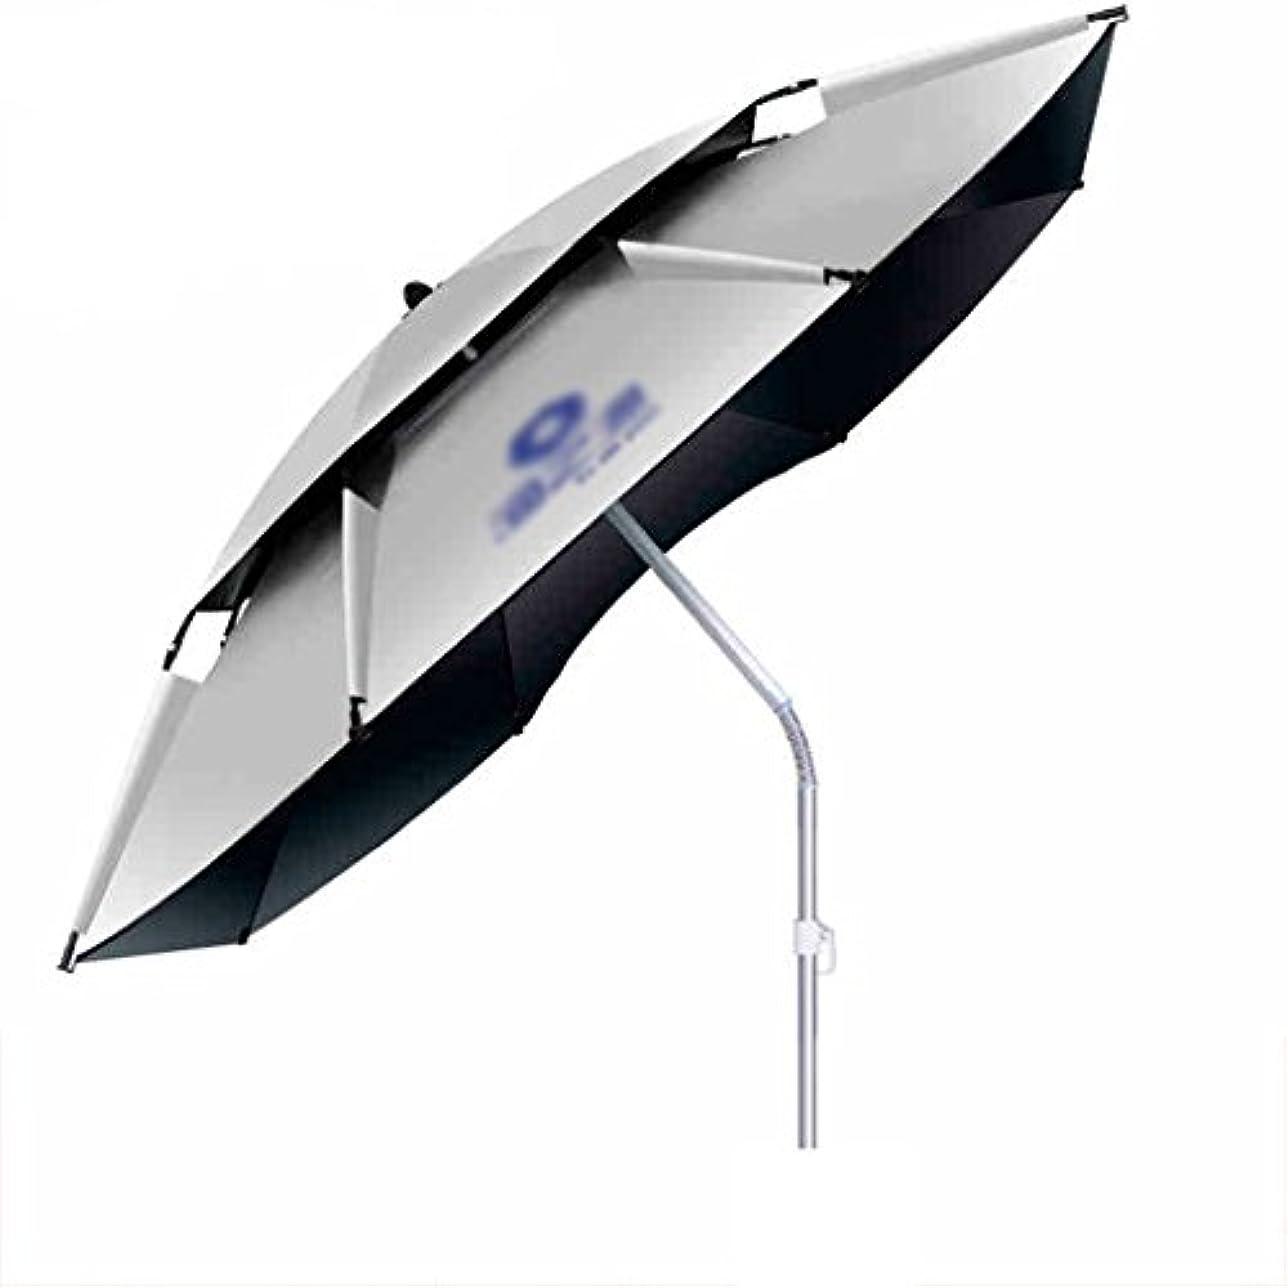 レンダリング鮮やかなターゲットLSS 屋外アンブレラ|釣り傘|傘| 2.4厚い魚の傘| 2.2メーター|ユニバーサル|アンチアンブレラ|釣り傘|フィッシングギア|屋外釣りの傘 (サイズ さいず : 200cm)